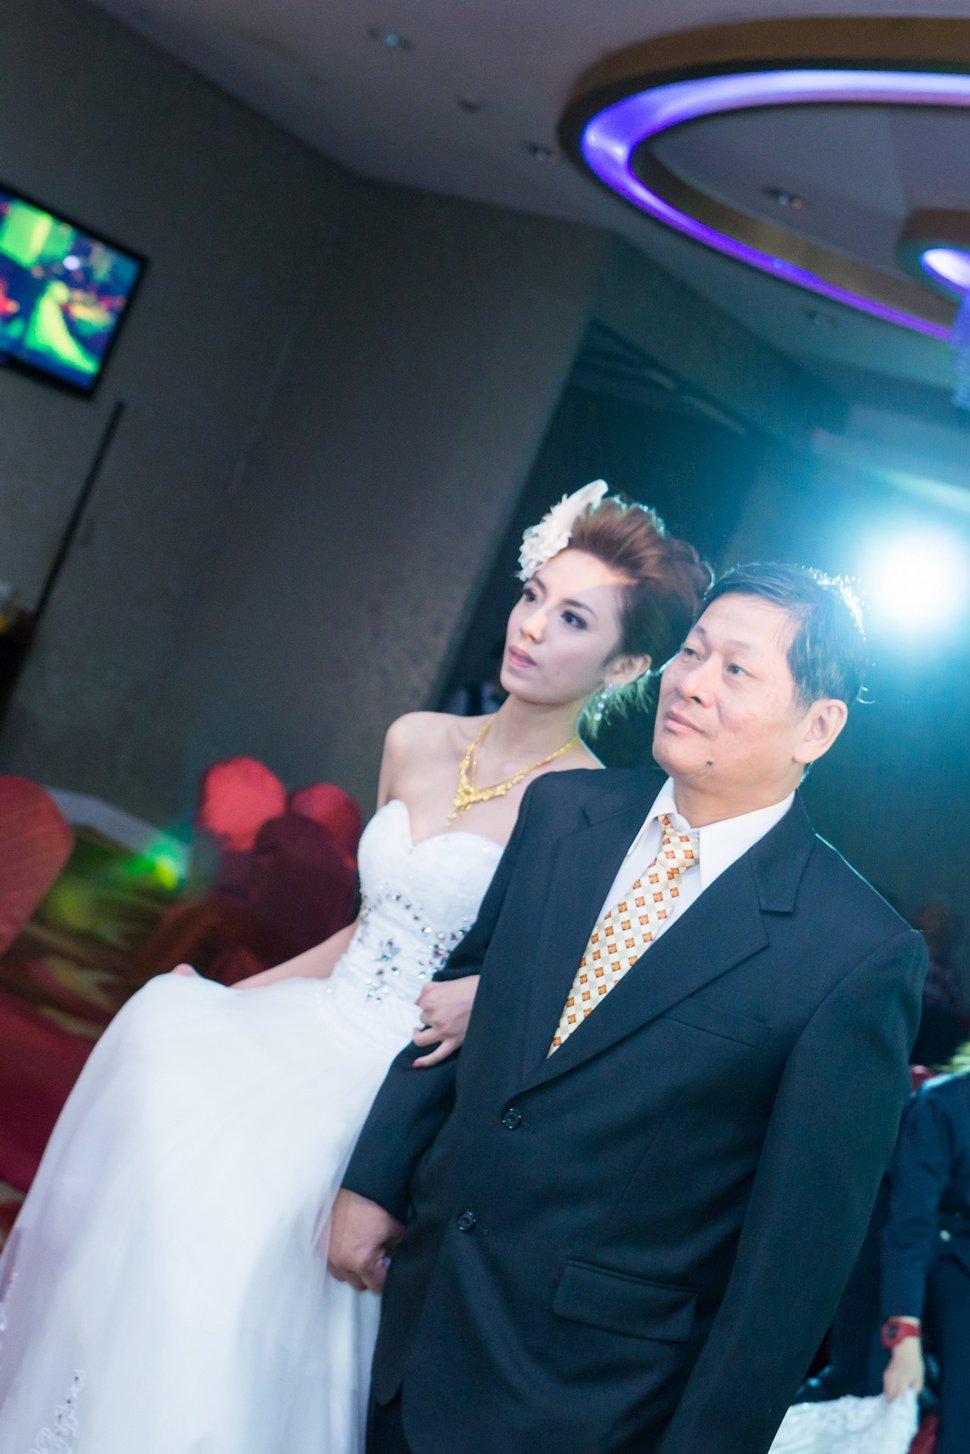 2014-01-26  0354 - 全職攝影師 Jerry  (婚攝杰瑞) - 結婚吧